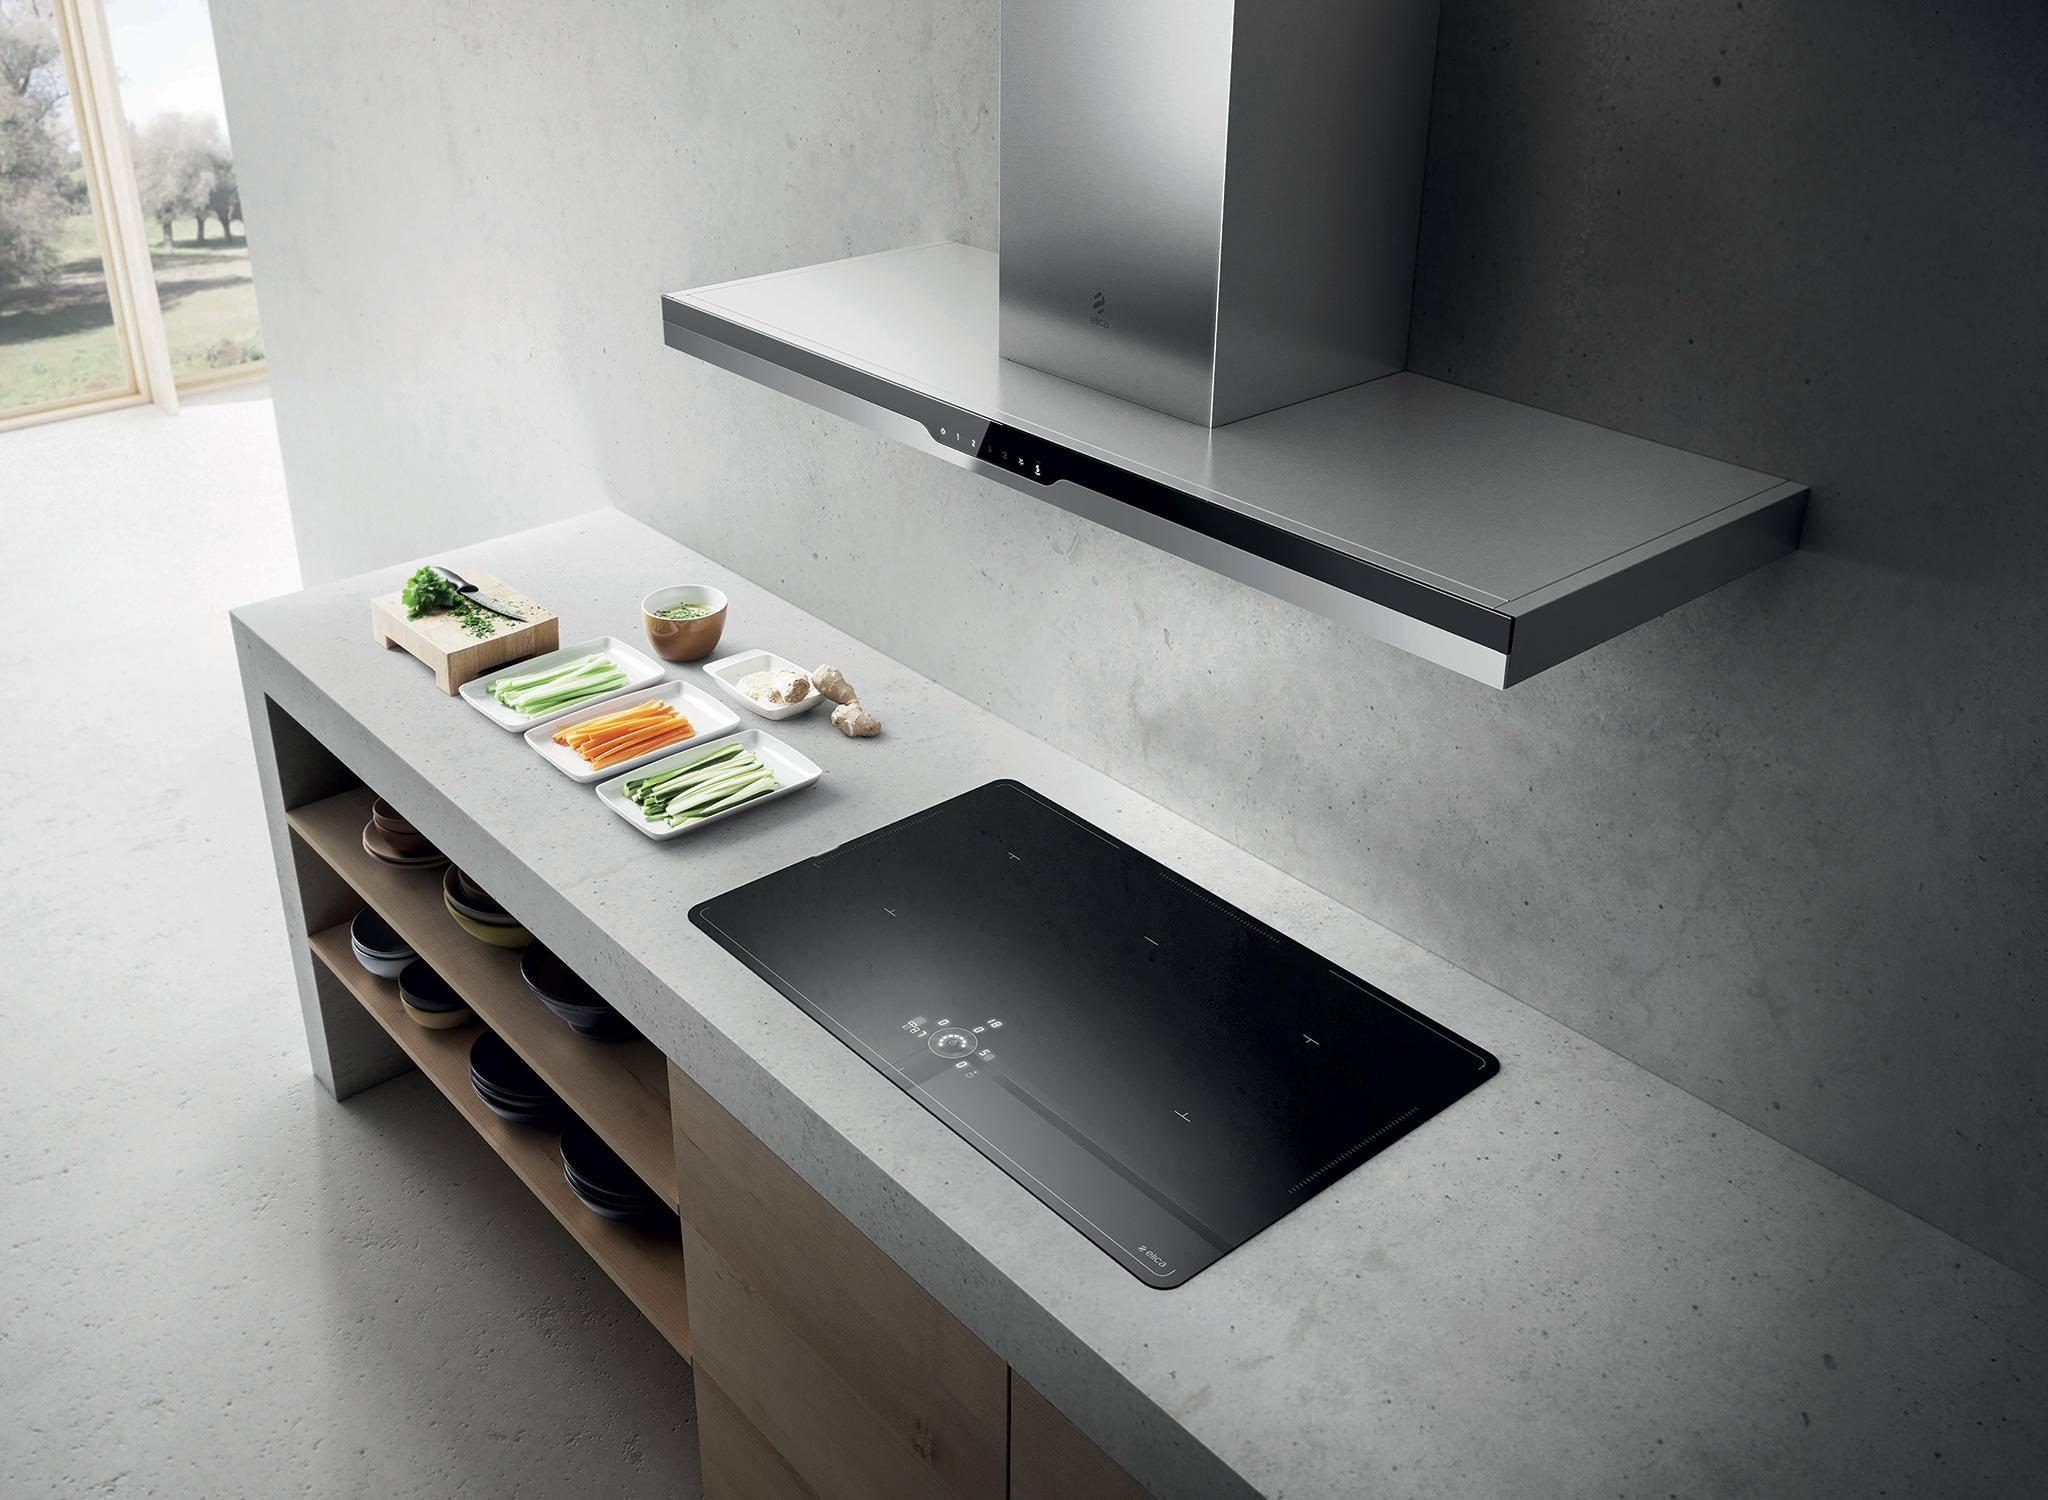 elica campanas, ambientes de diseño, cocinas con diseño unico, muebles de cocina, antalia cocinas, proyecto de cocina, cocinas de diseño exclusivo